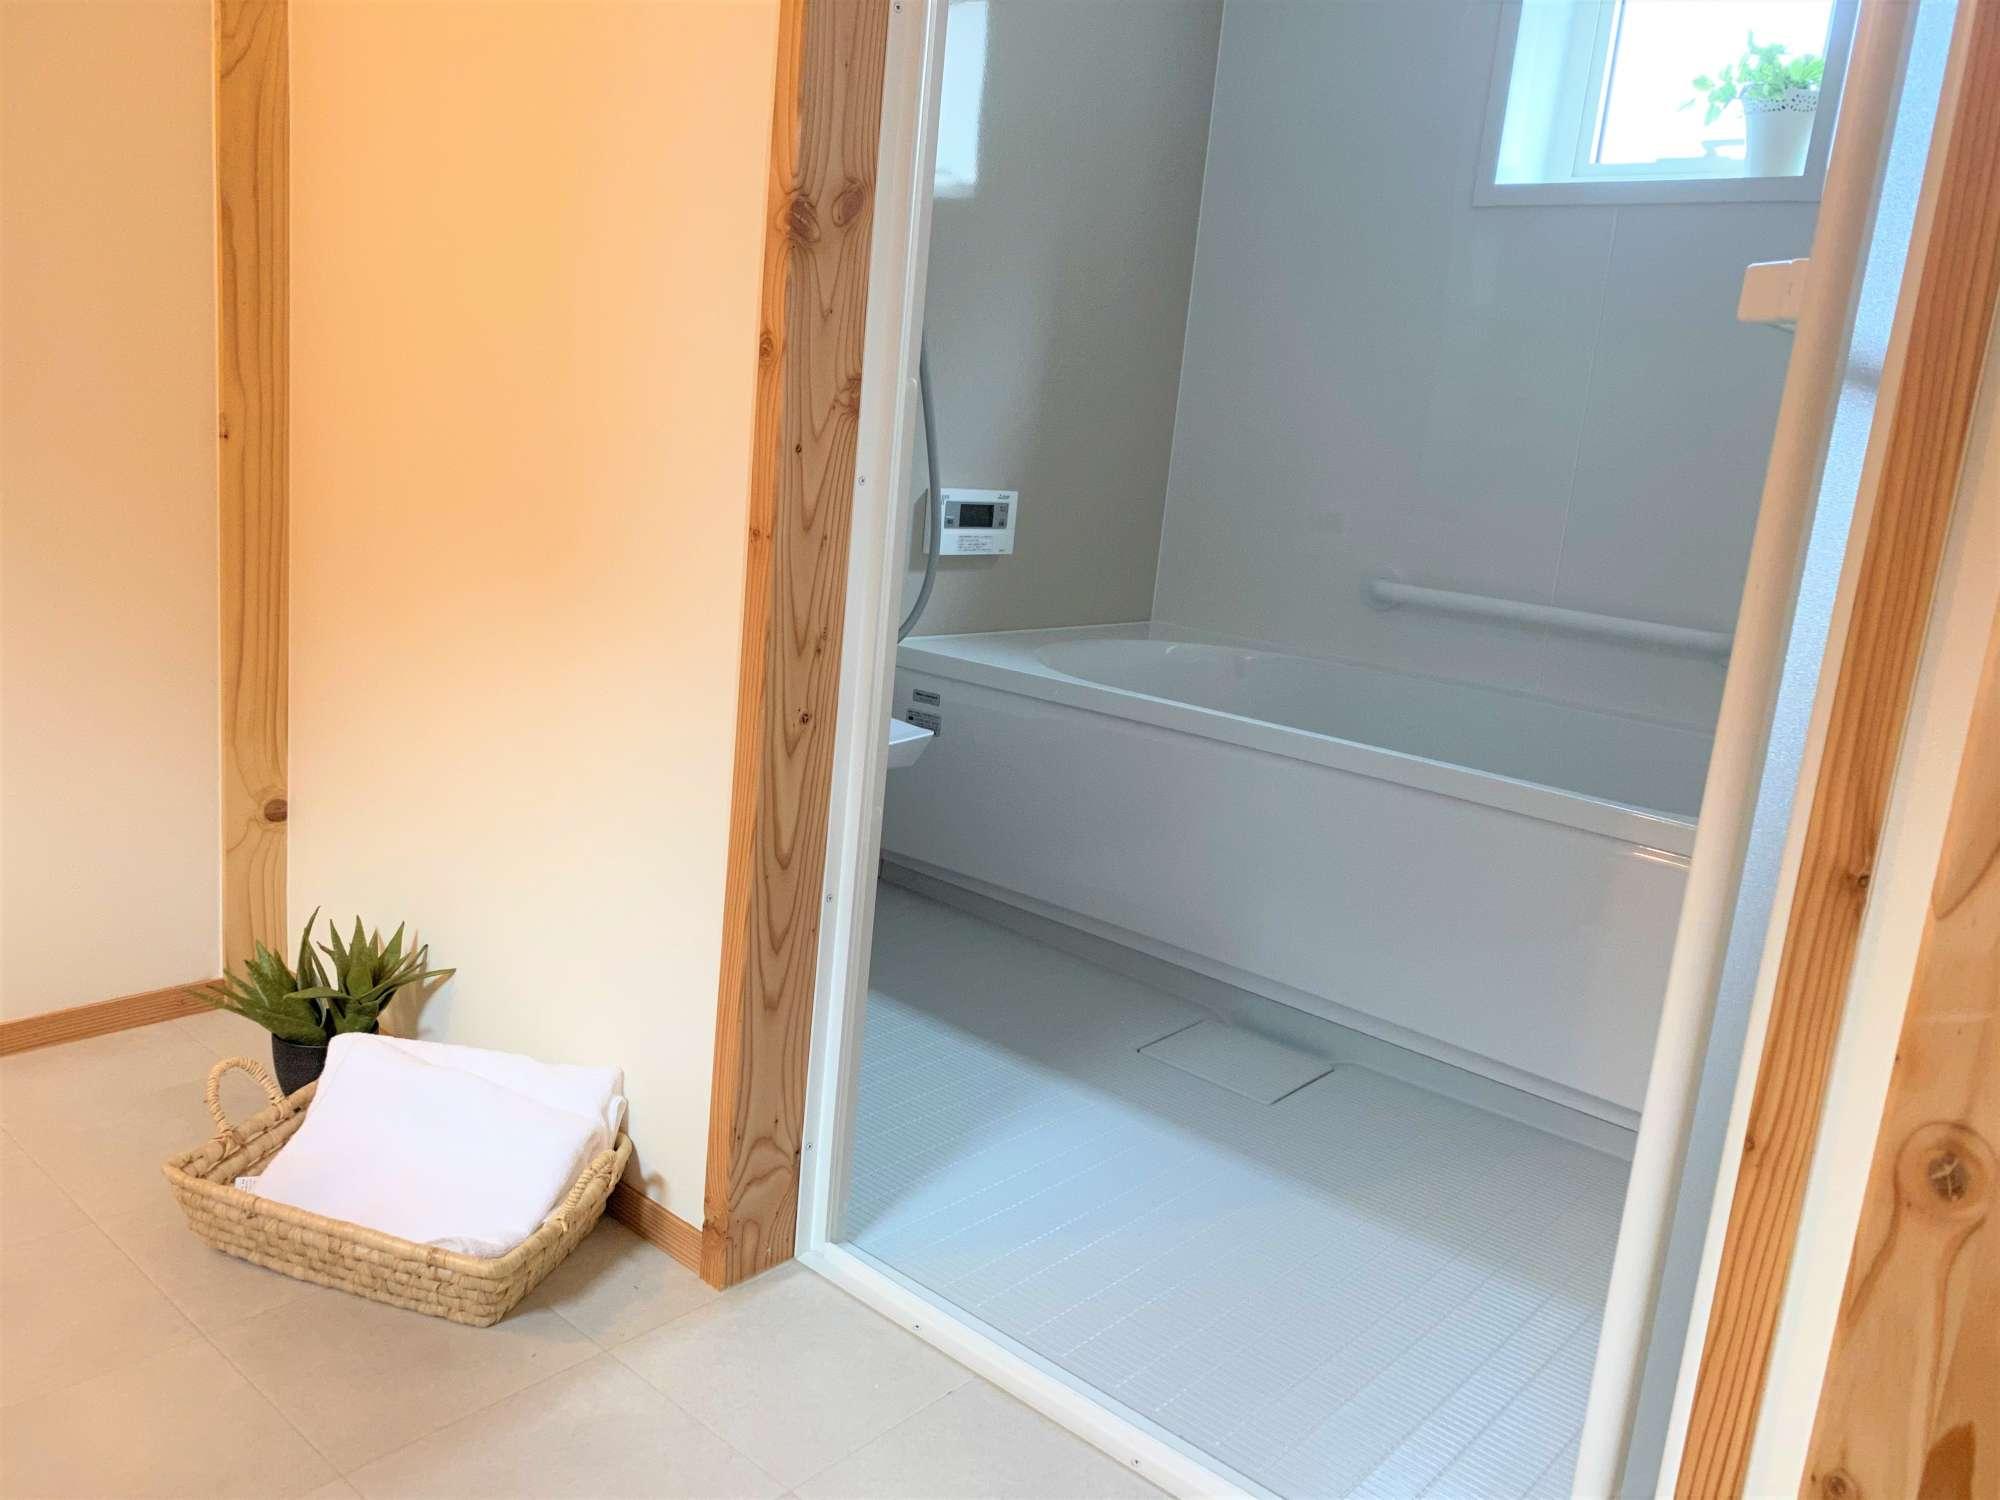 2階 浴室 -  -  -